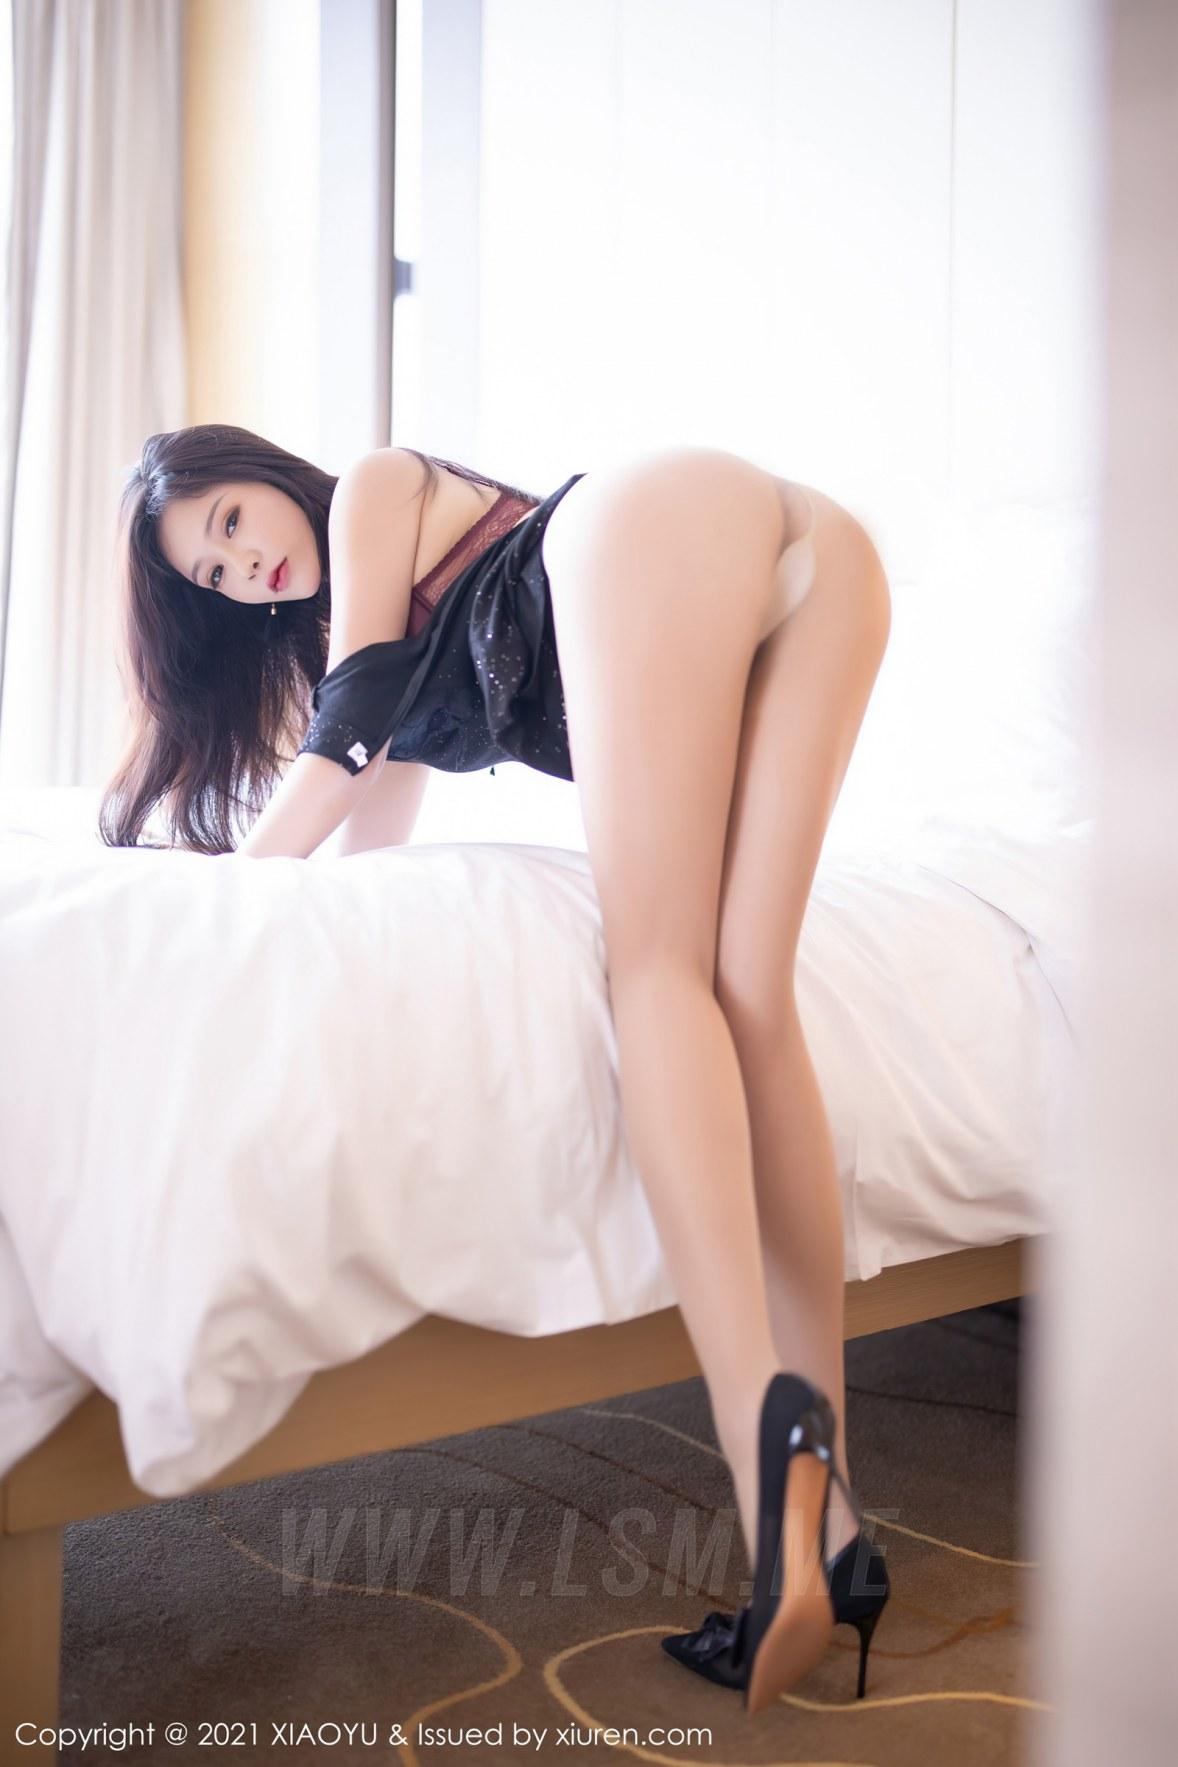 566 033 4kf 3600 5400 - XIAOYU  语画界 Vol.566 魅惑丝袜 娜比 性感写真 - 语画界 -【免费在线写真】【丽人丝语】